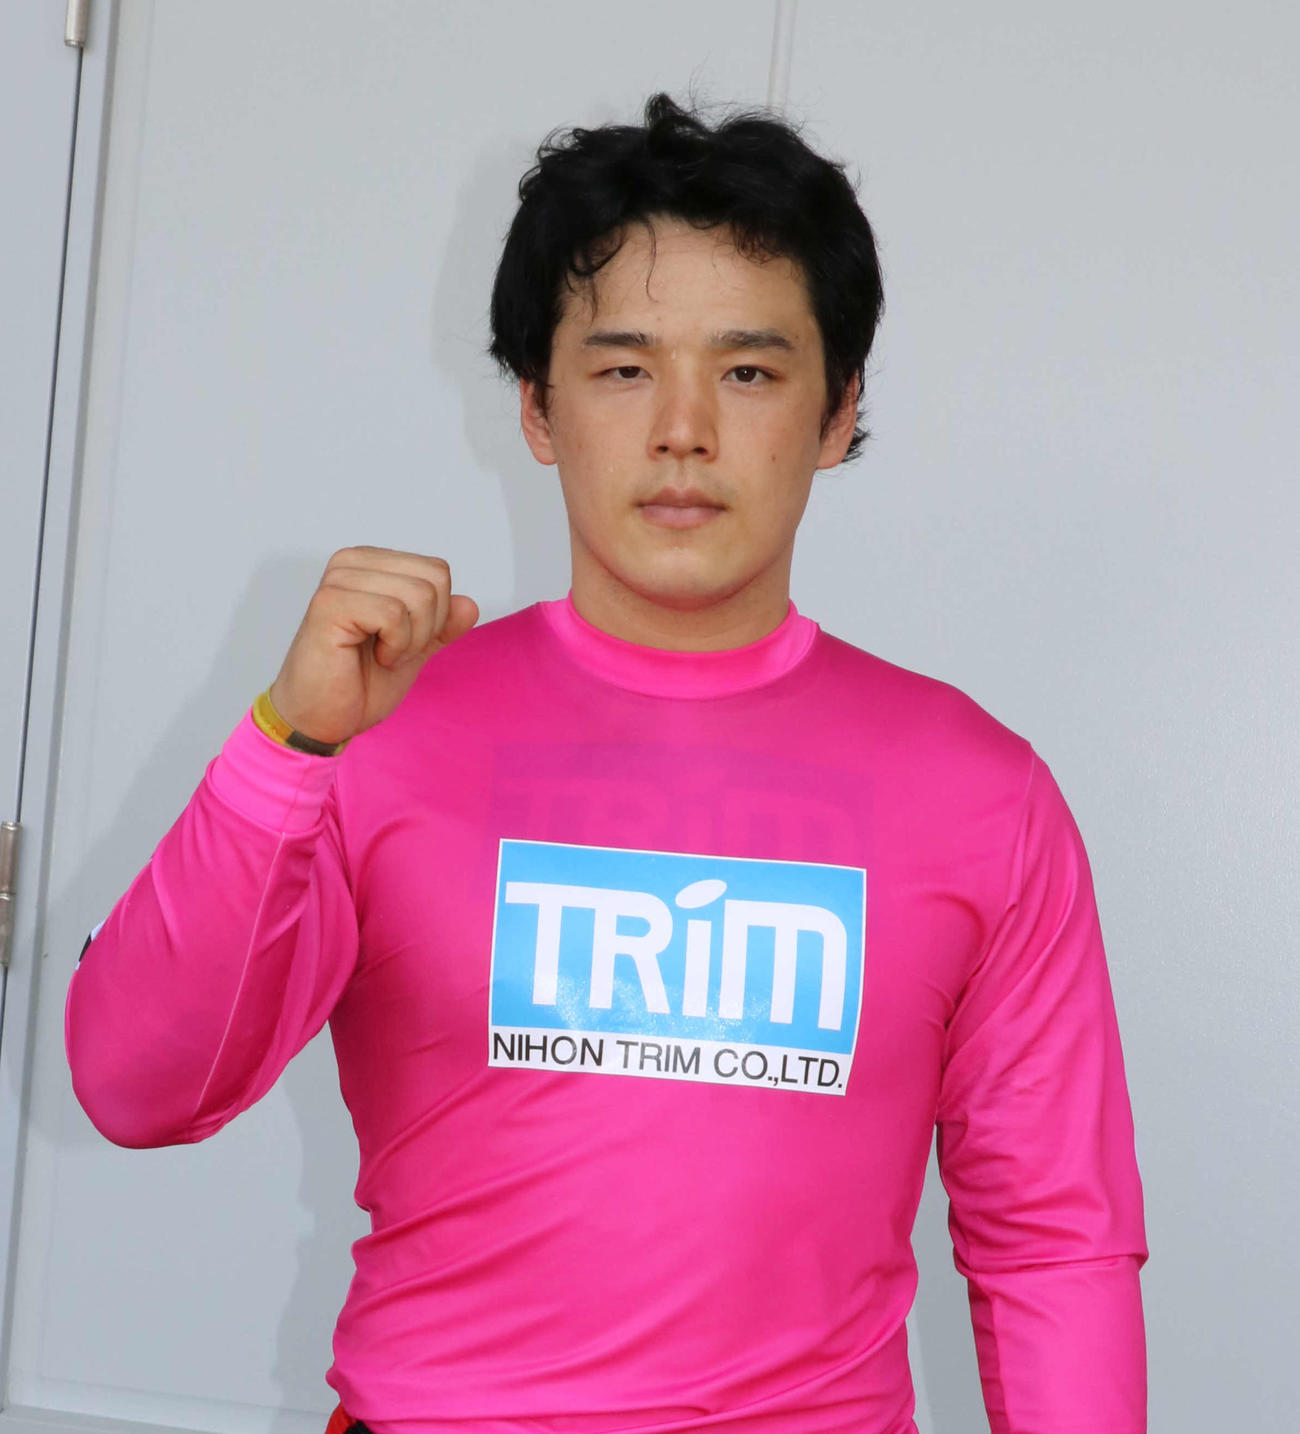 連勝で勝ち上がった三谷竜生は準決11Rで単騎戦を選択した